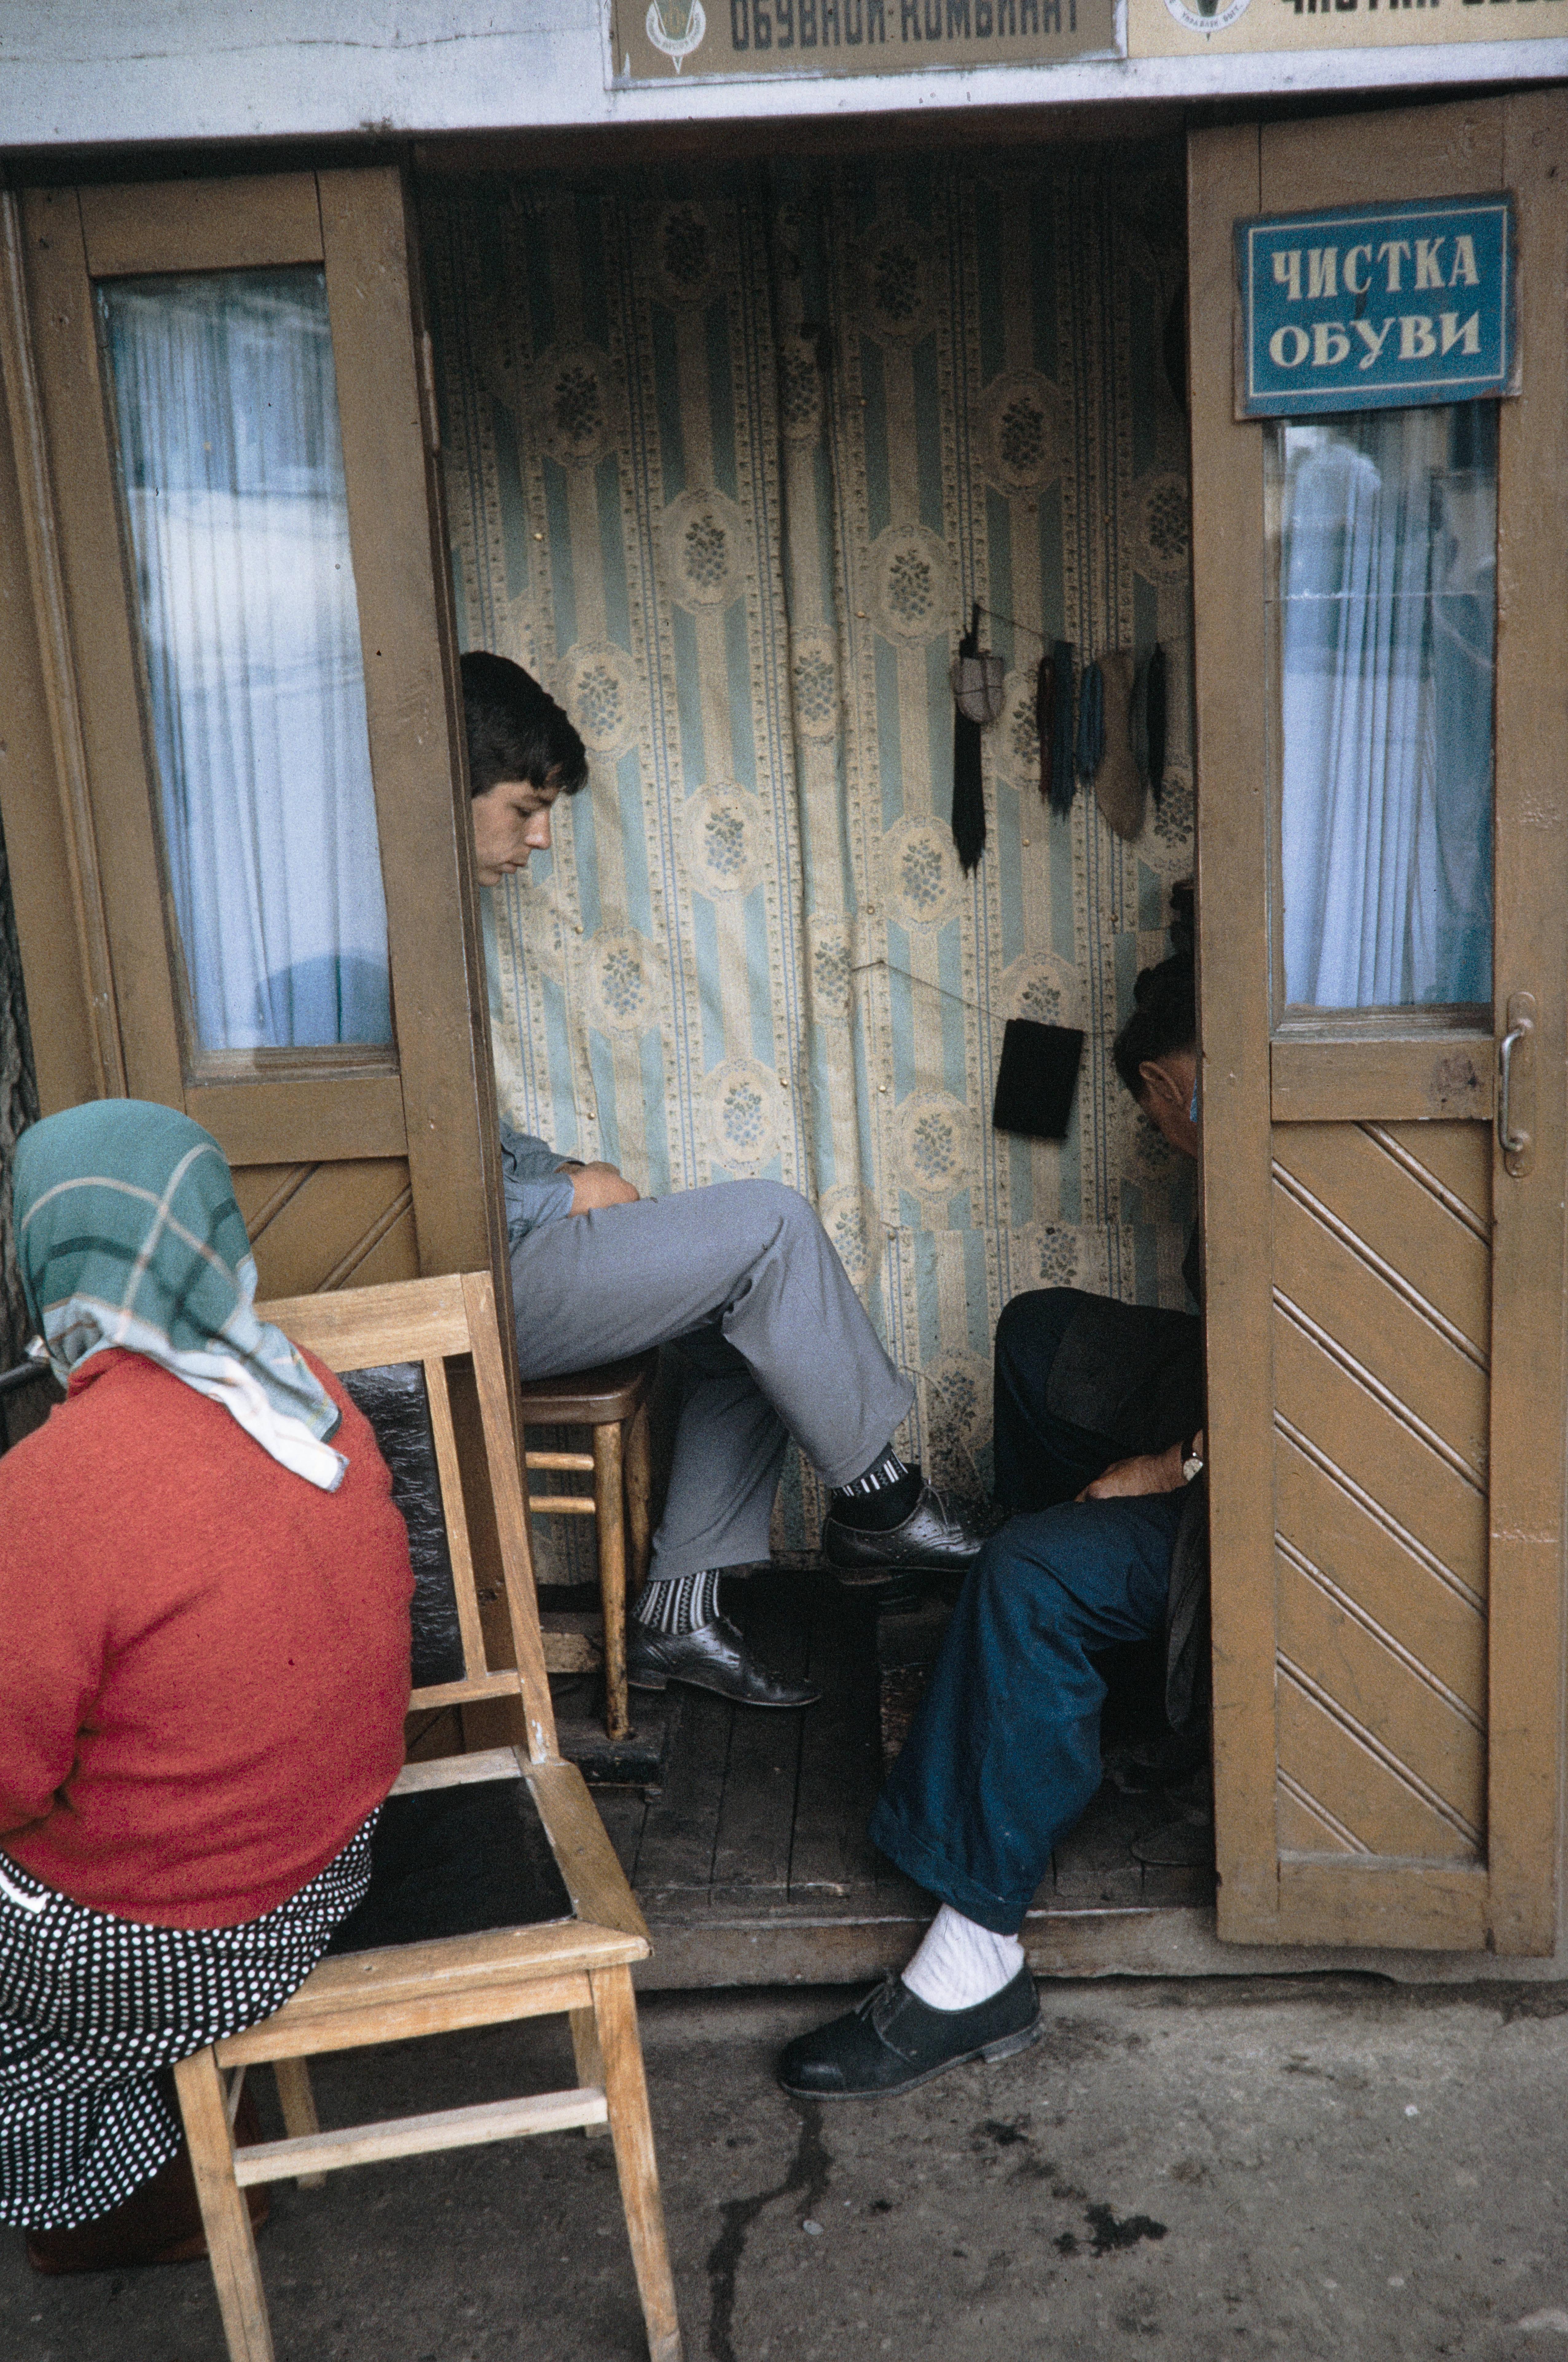 Будка чистильщика обуви рядом с гостиницей «Дальний Восток»